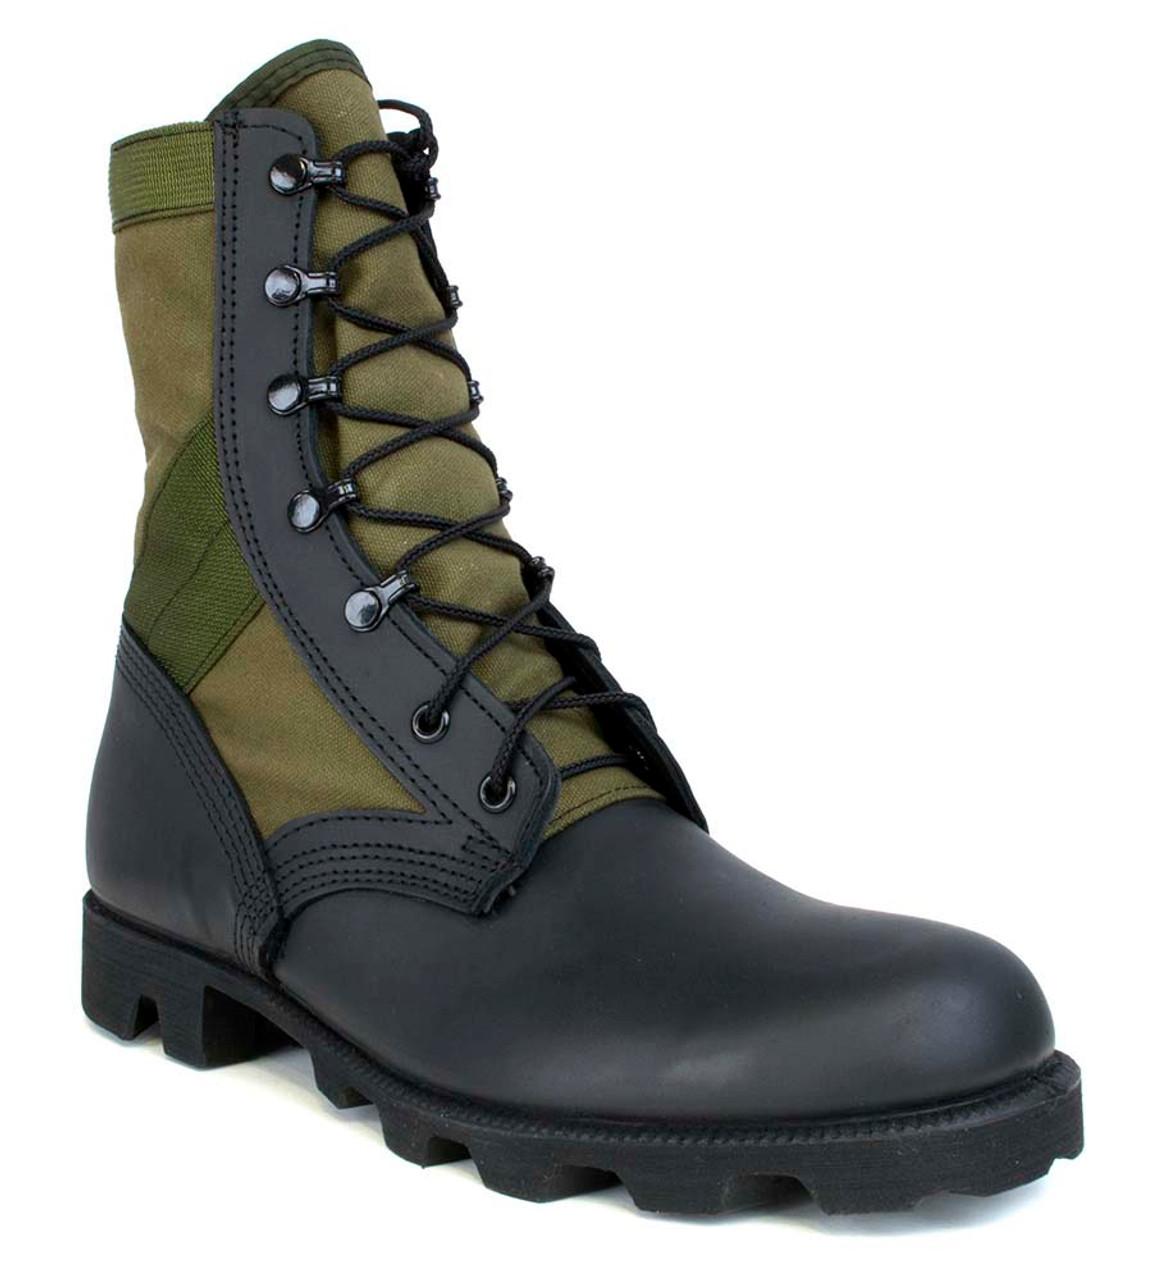 Mcrae 7189 Boots